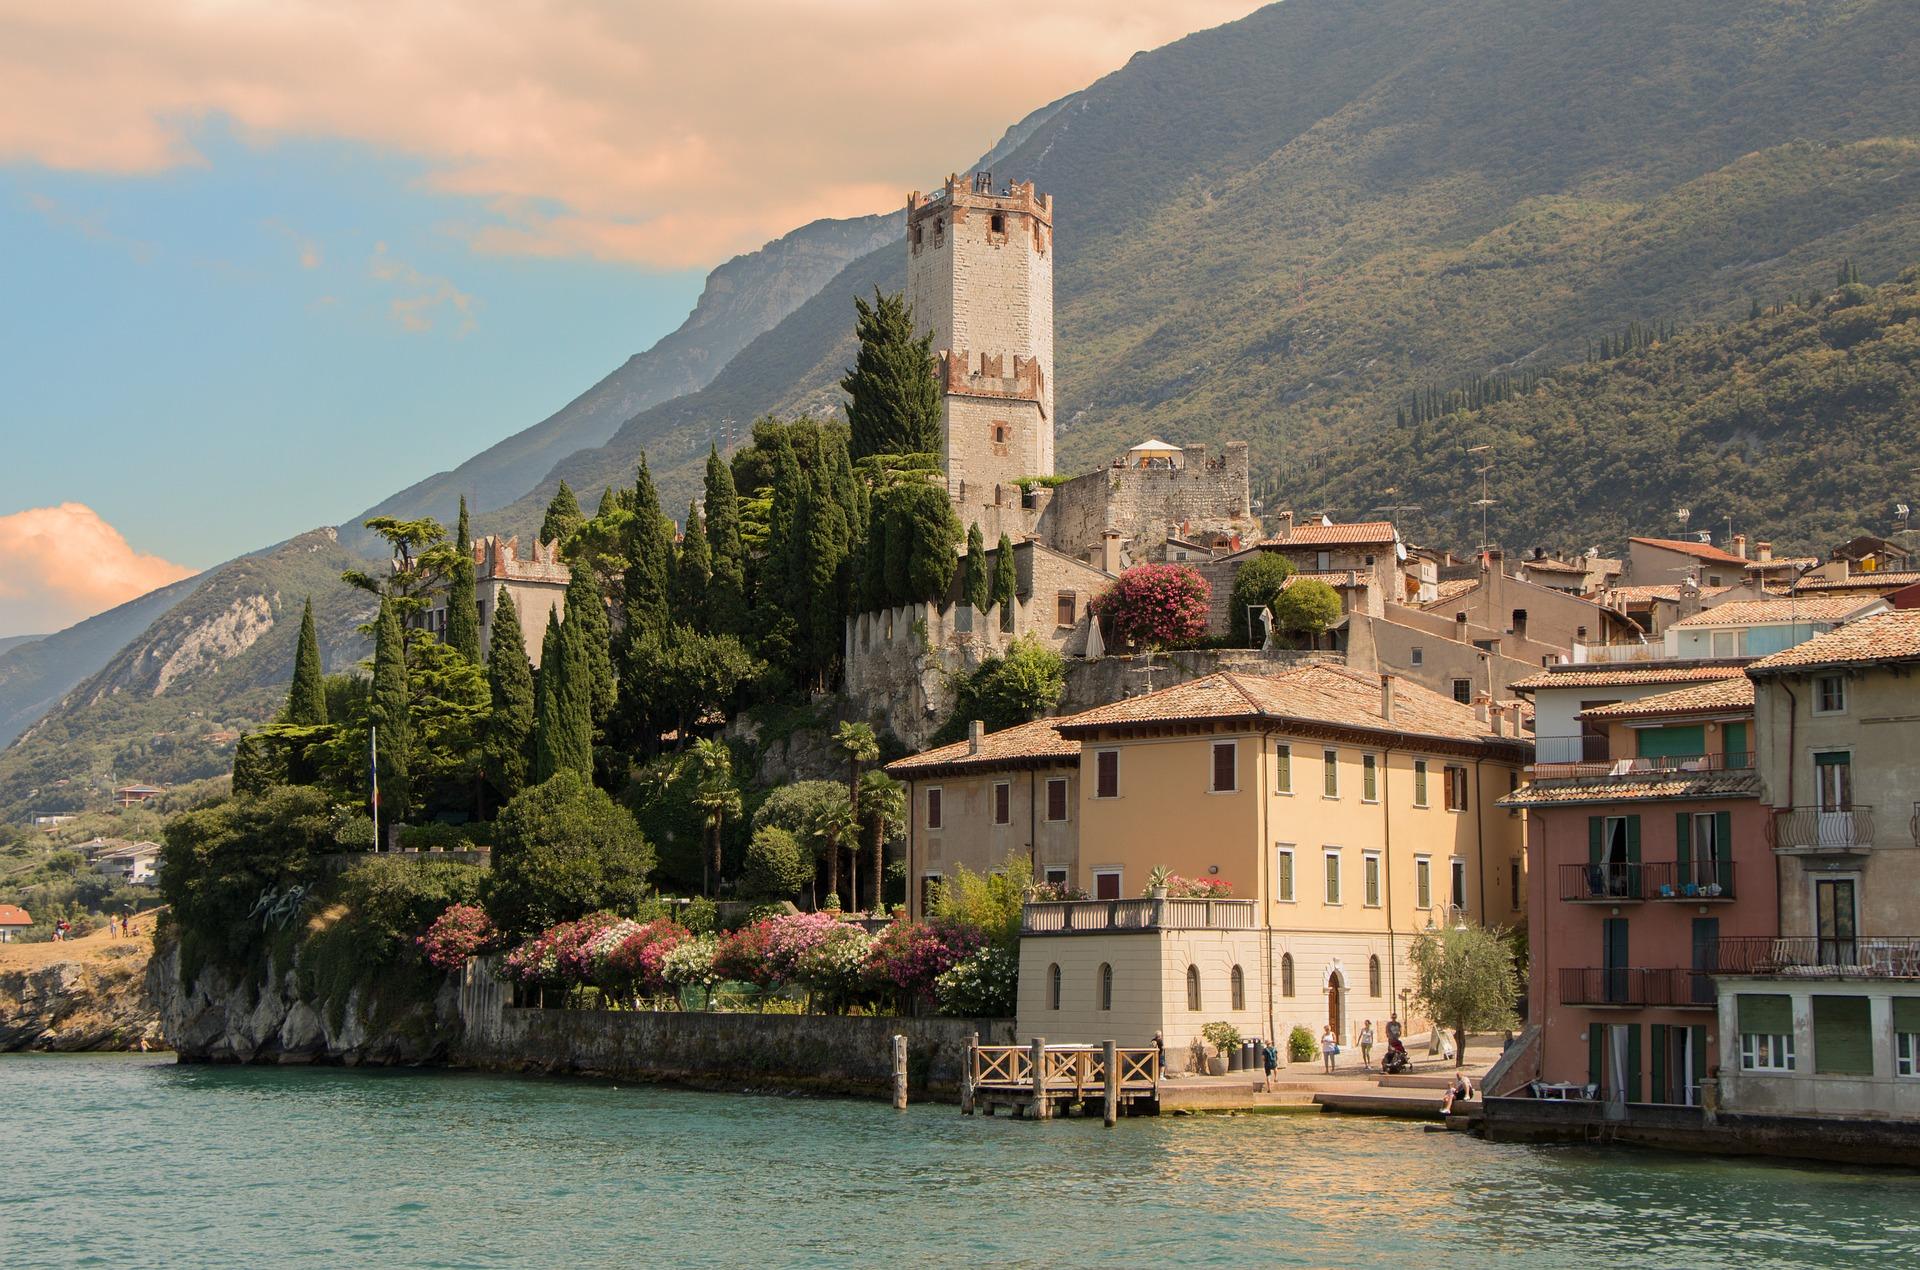 Noleggio auto con conducente per turismo e sport a Brescia